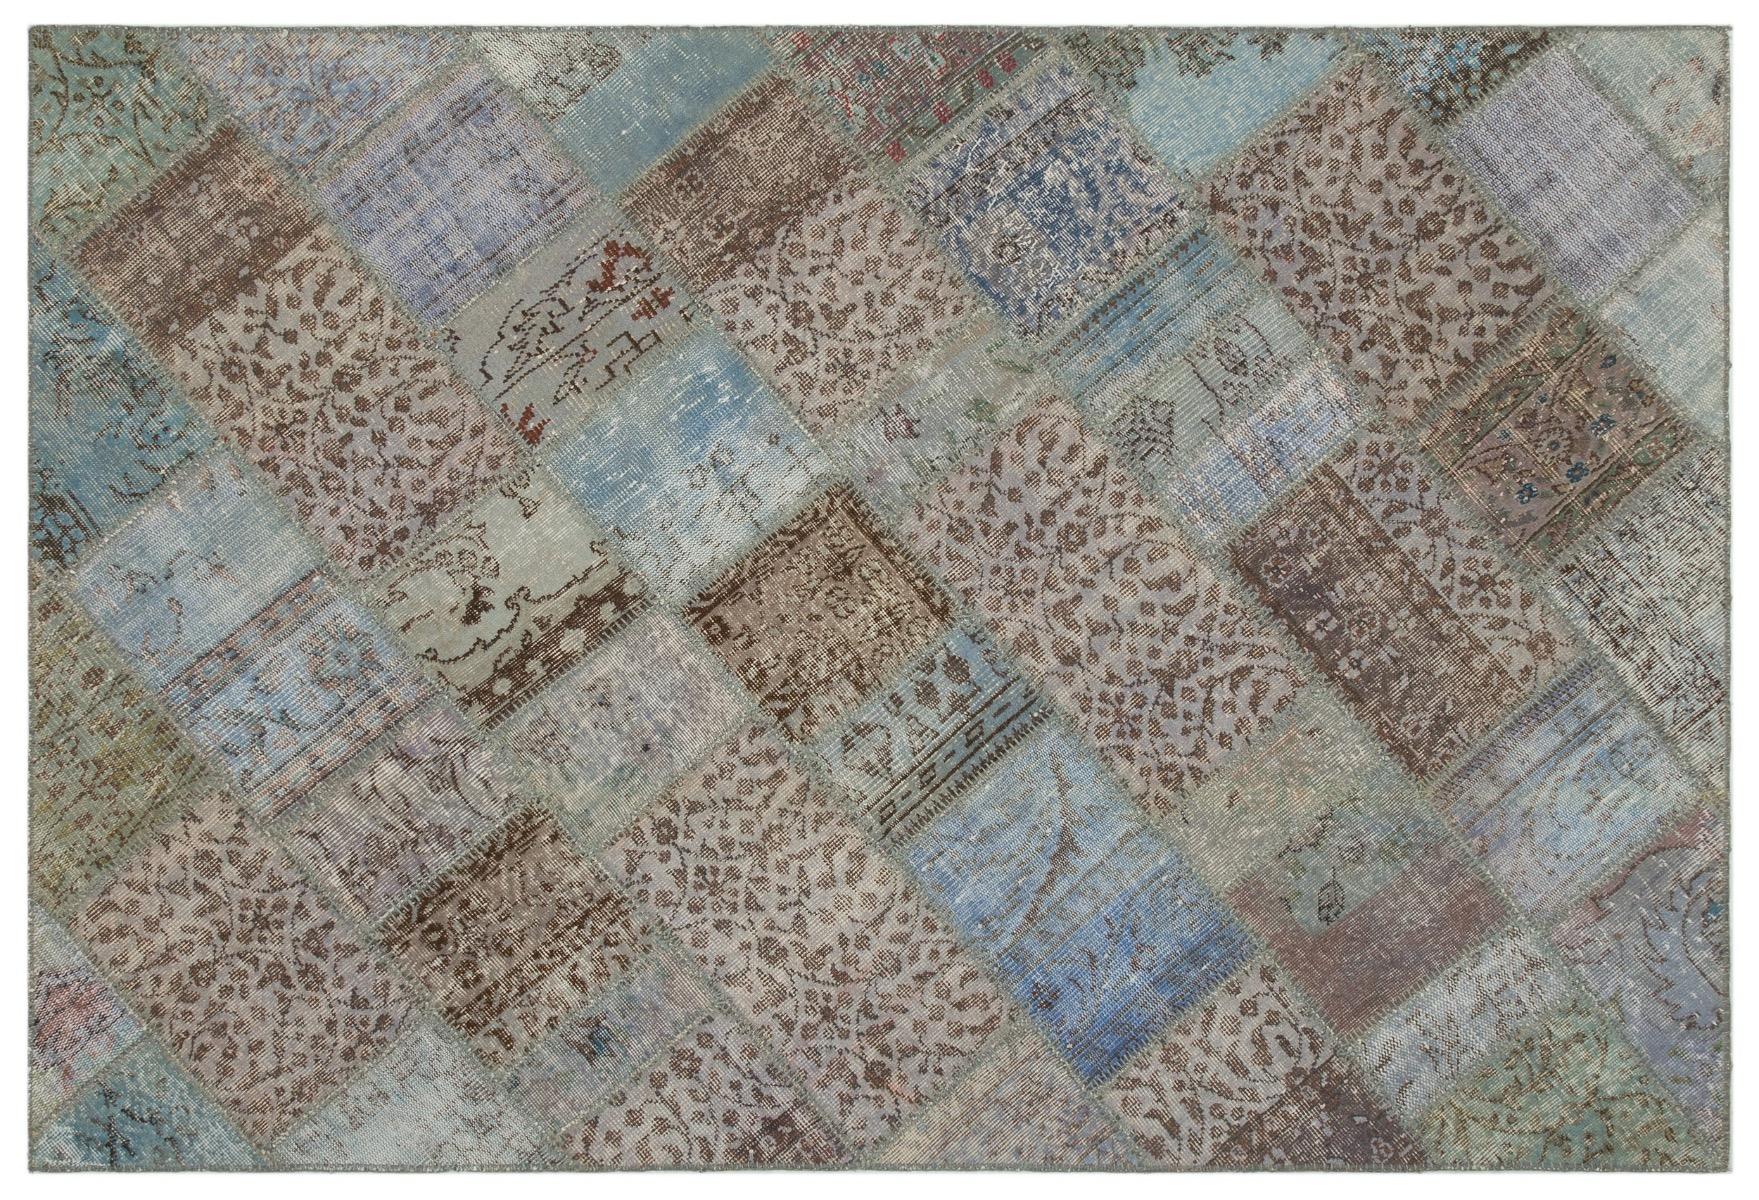 patchwork vloerkleed blauw, grijs nr.21591 233cm x 160cm